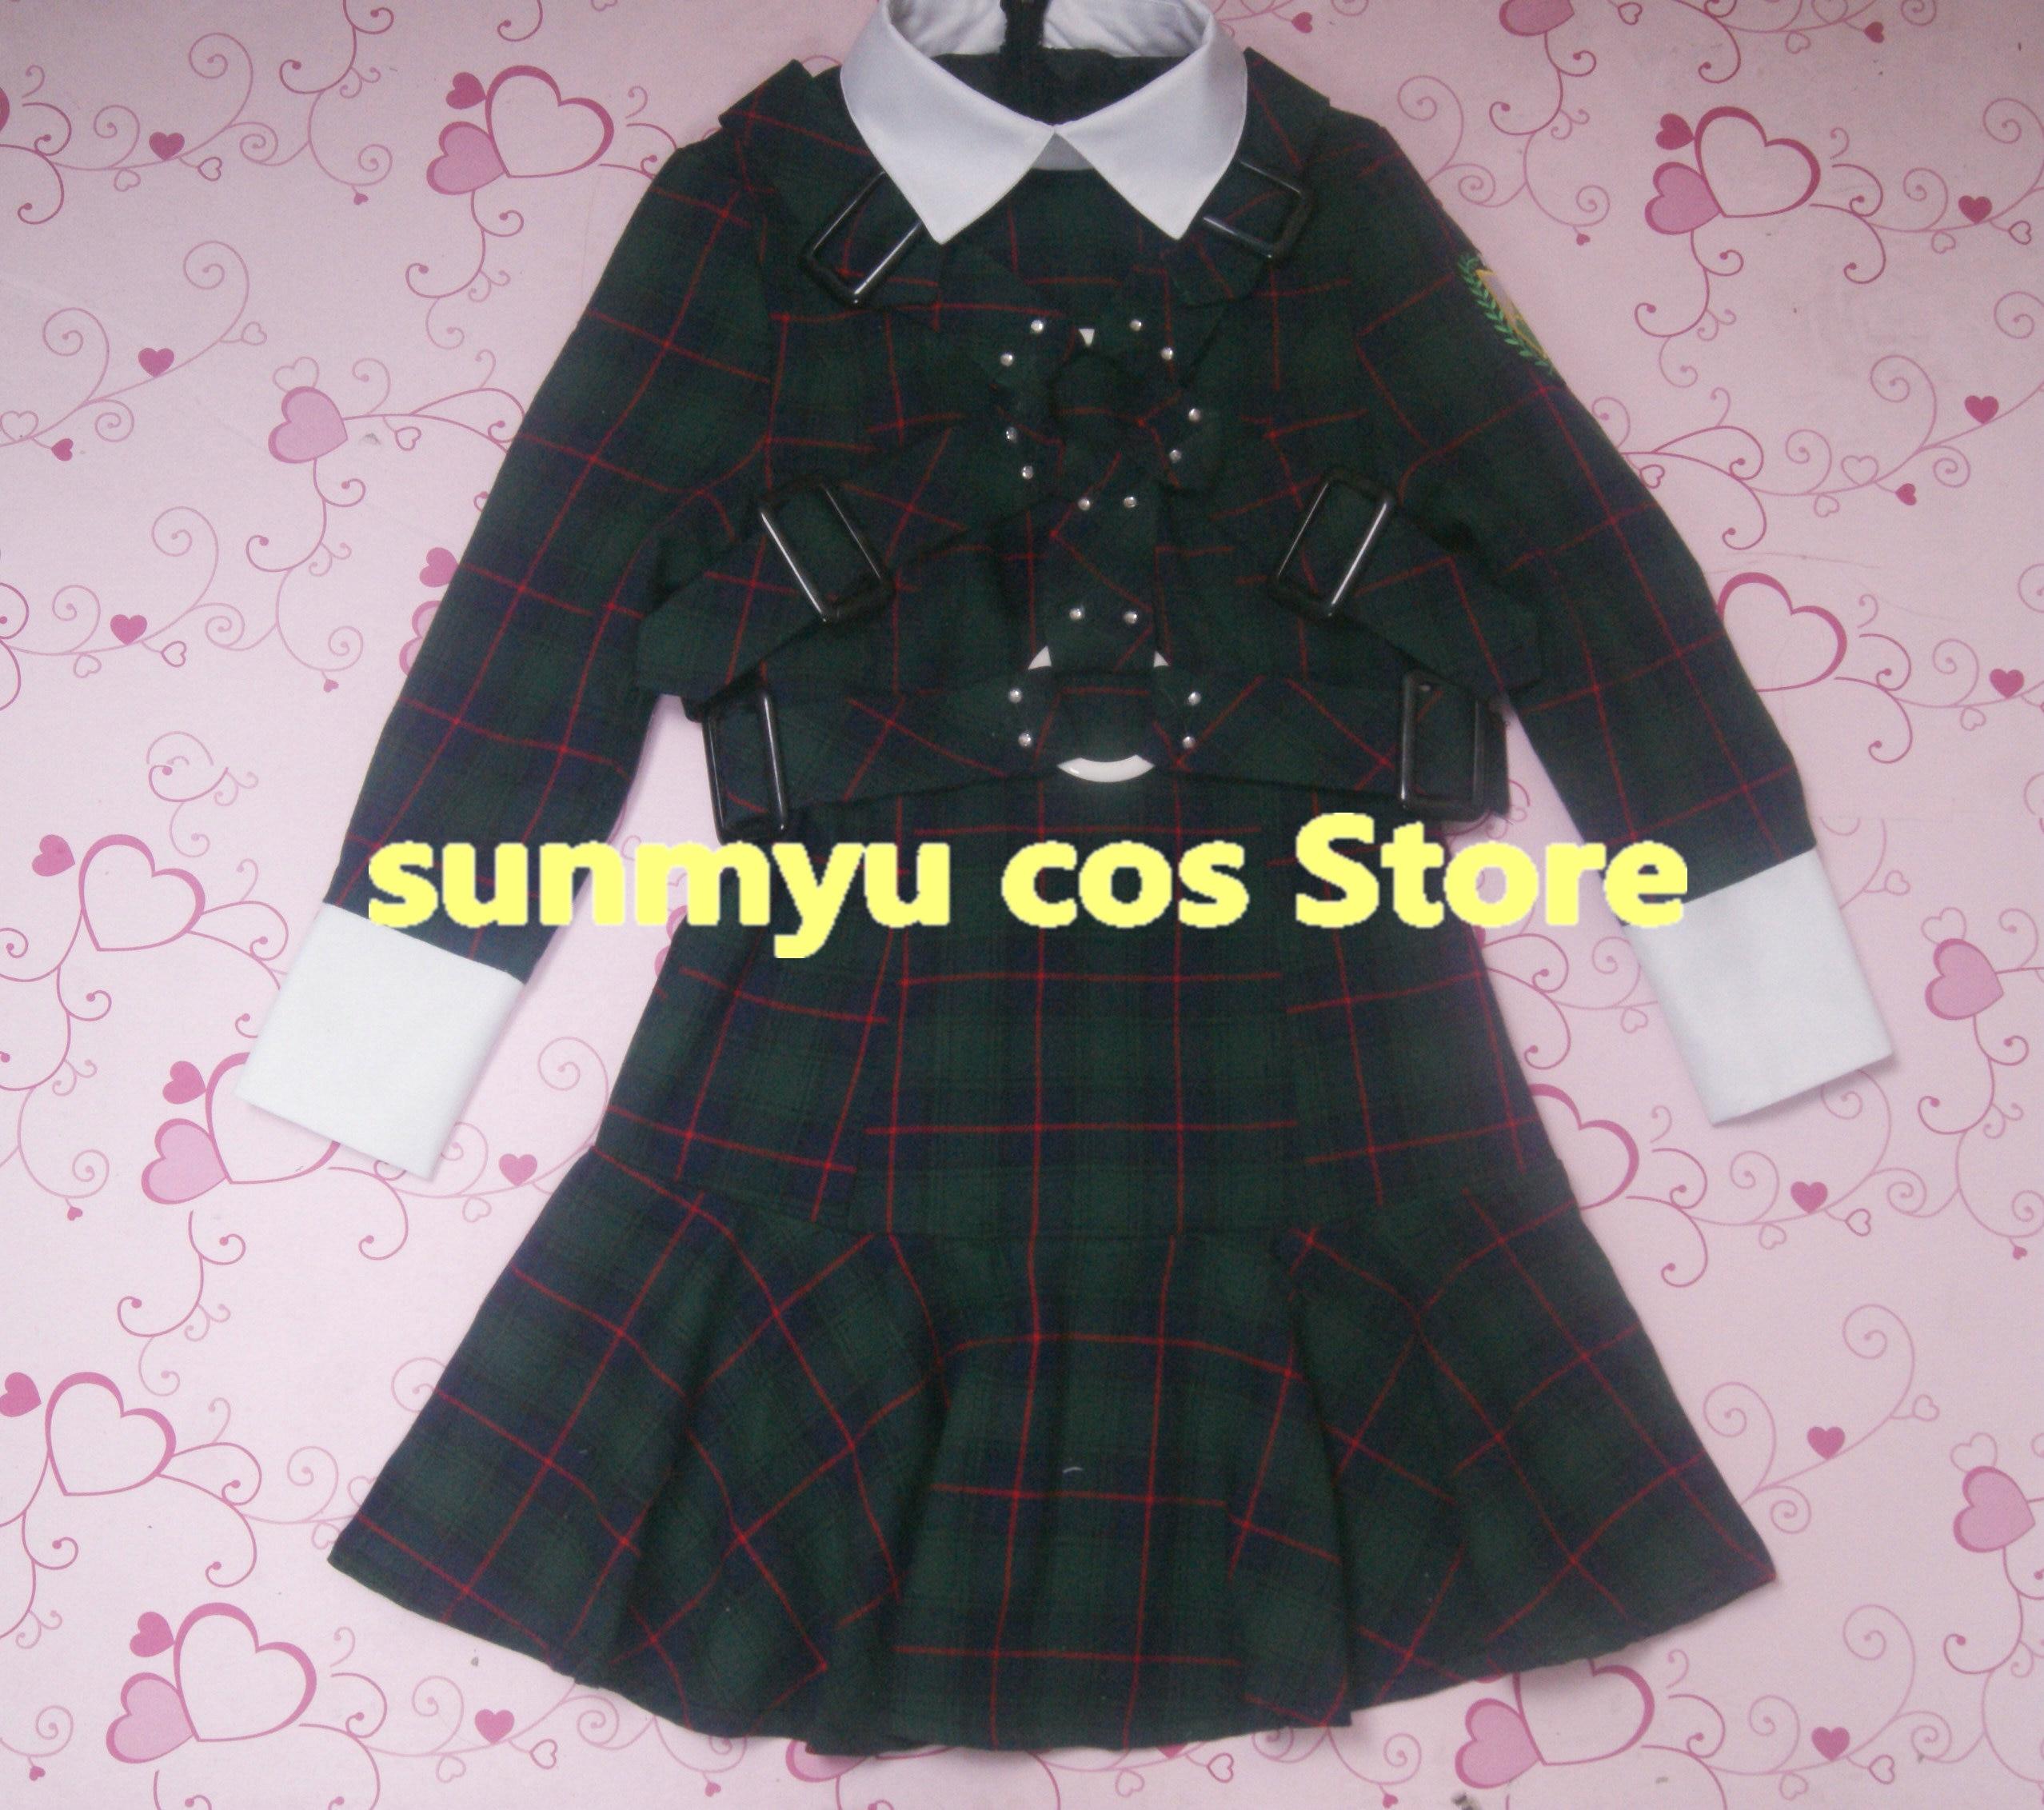 ¡Envío gratis! disfraz de Cosplay de uniforme de rejilla verde de kazenifukaretreo keyaka46, tamaño personalizable de Halloween al por mayor